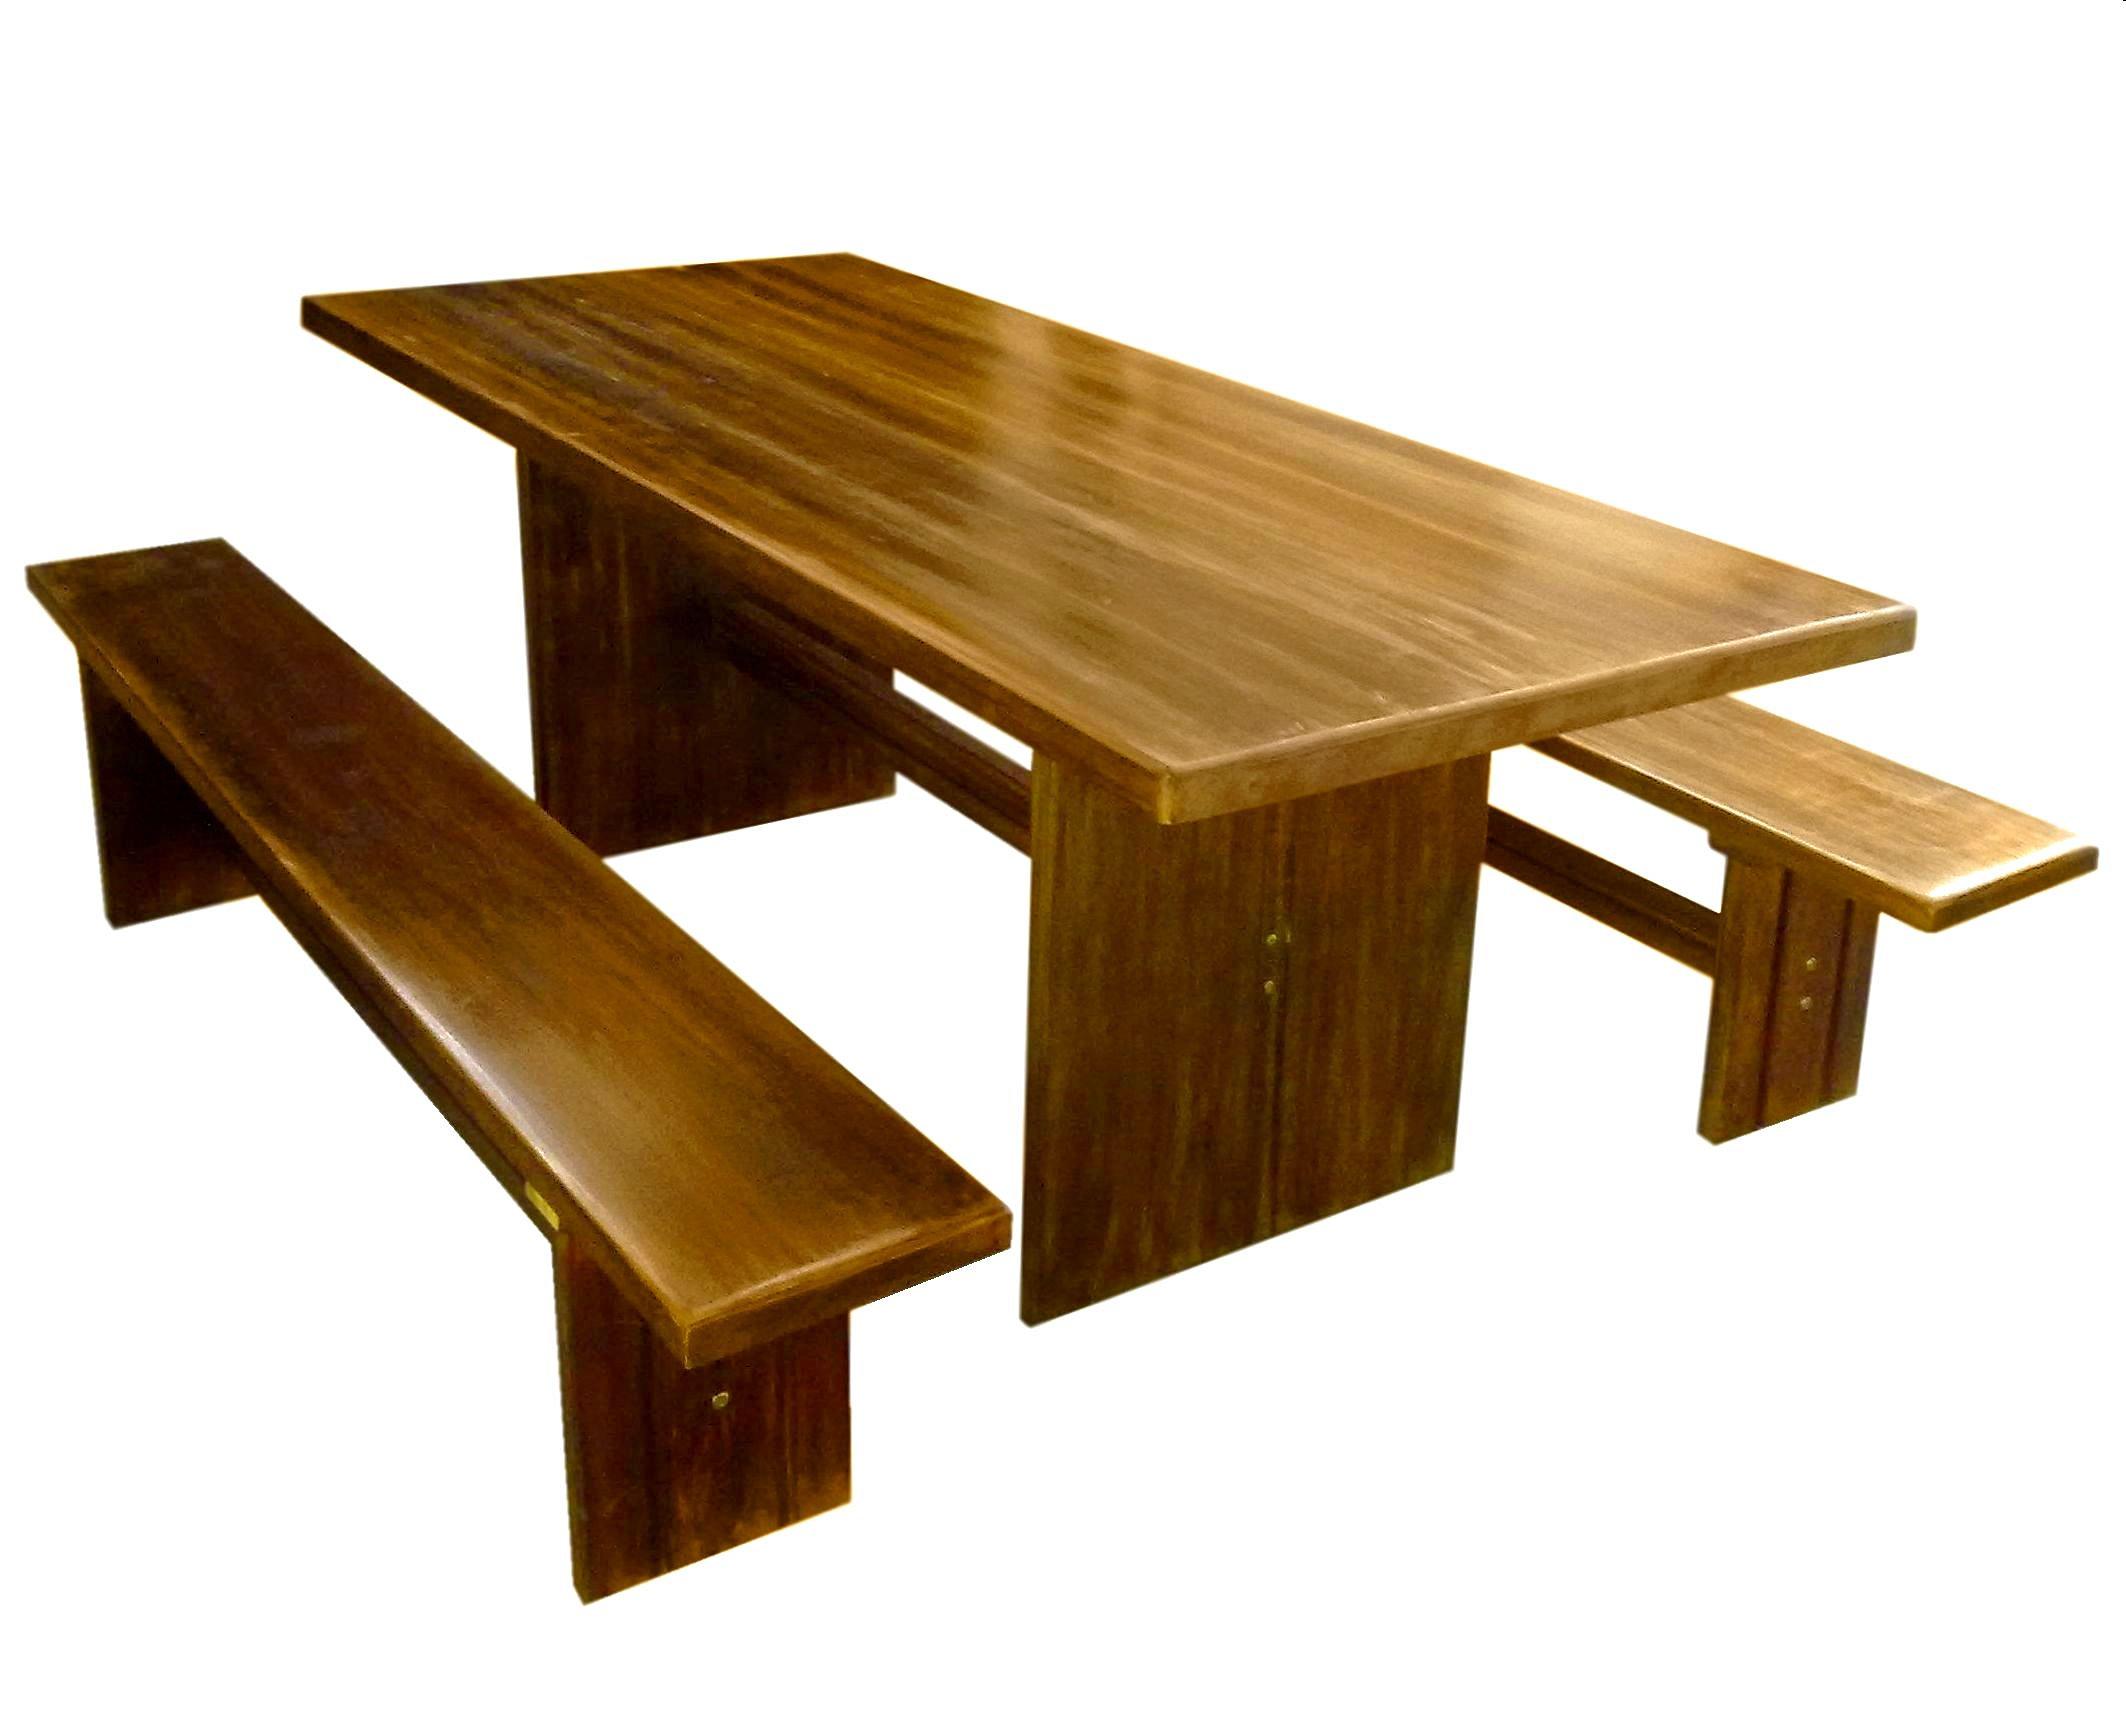 Amazon totem mesa r stica p s retos for Modelos de mesas rusticas de madera